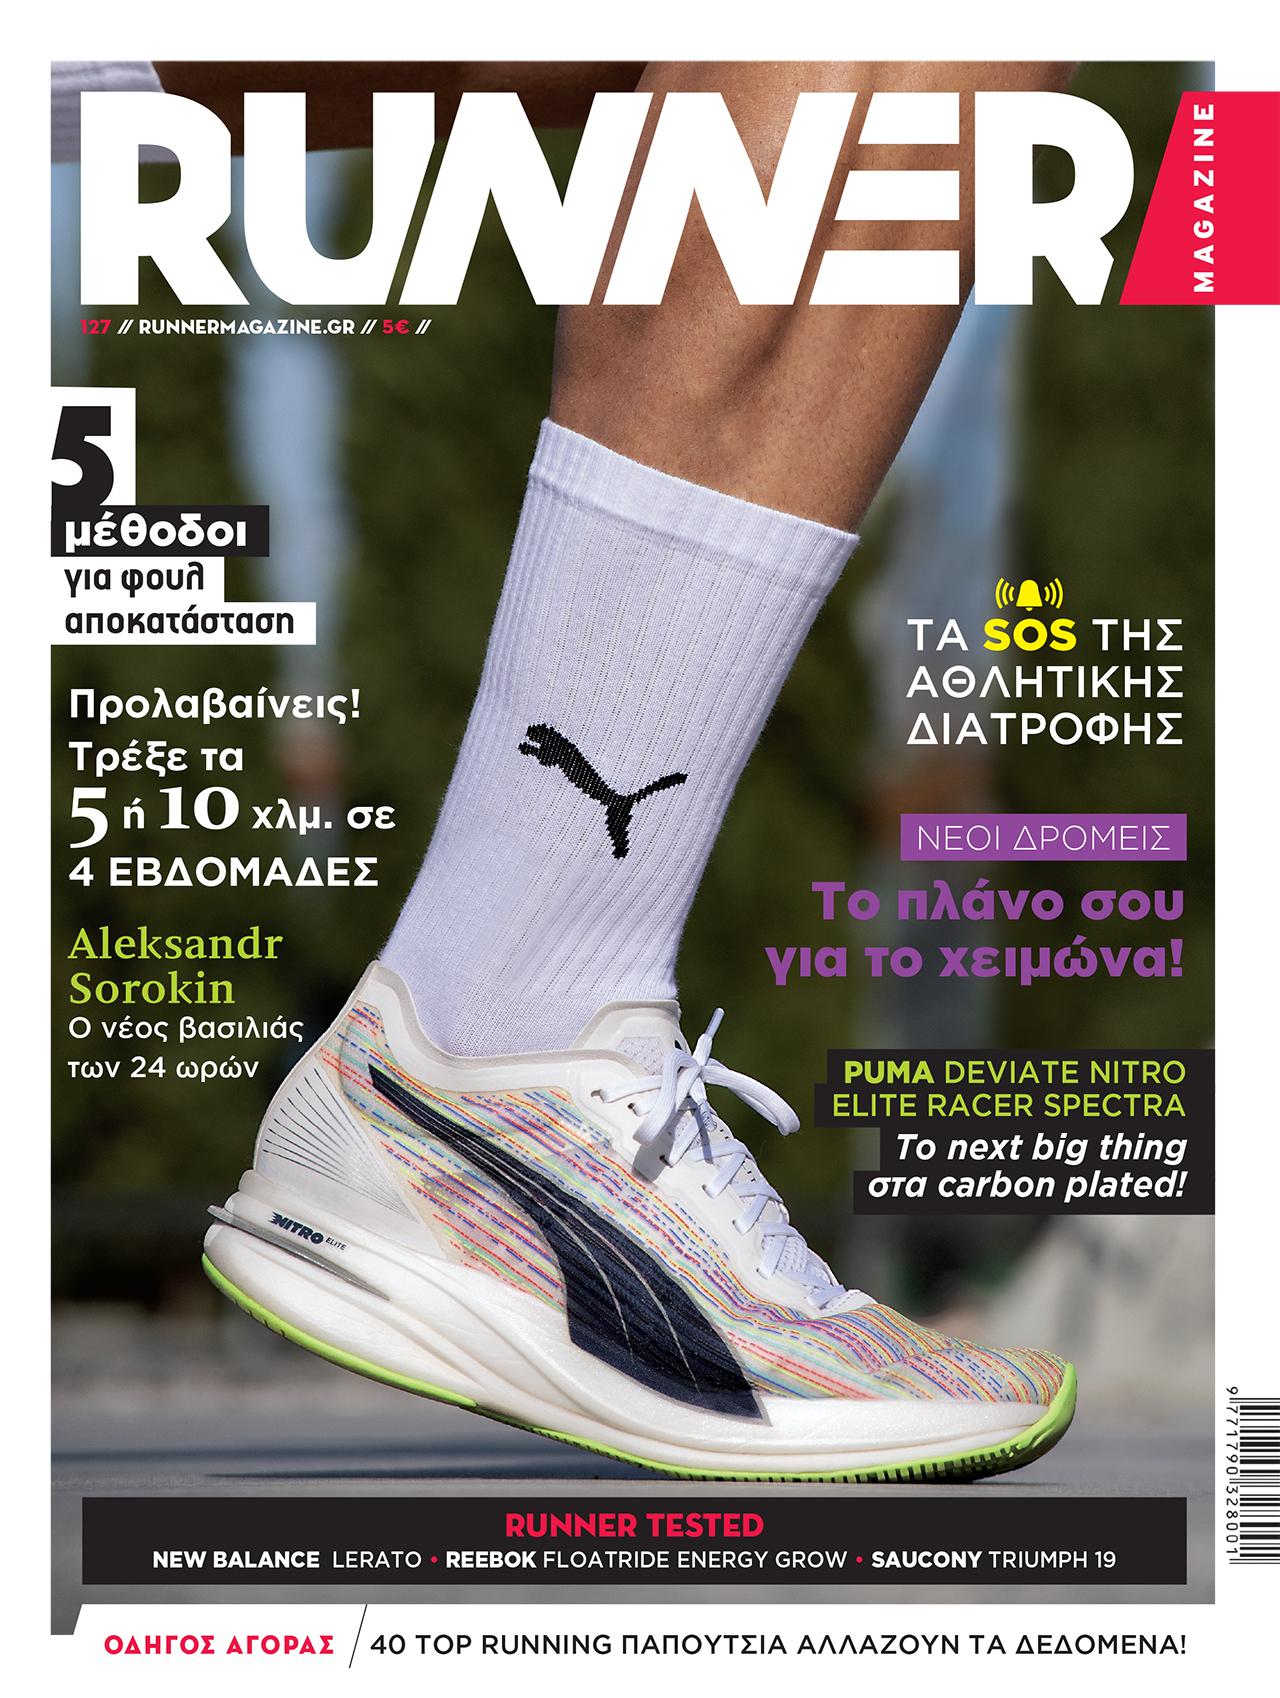 Εξώφυλλο τεύχους Runner 127